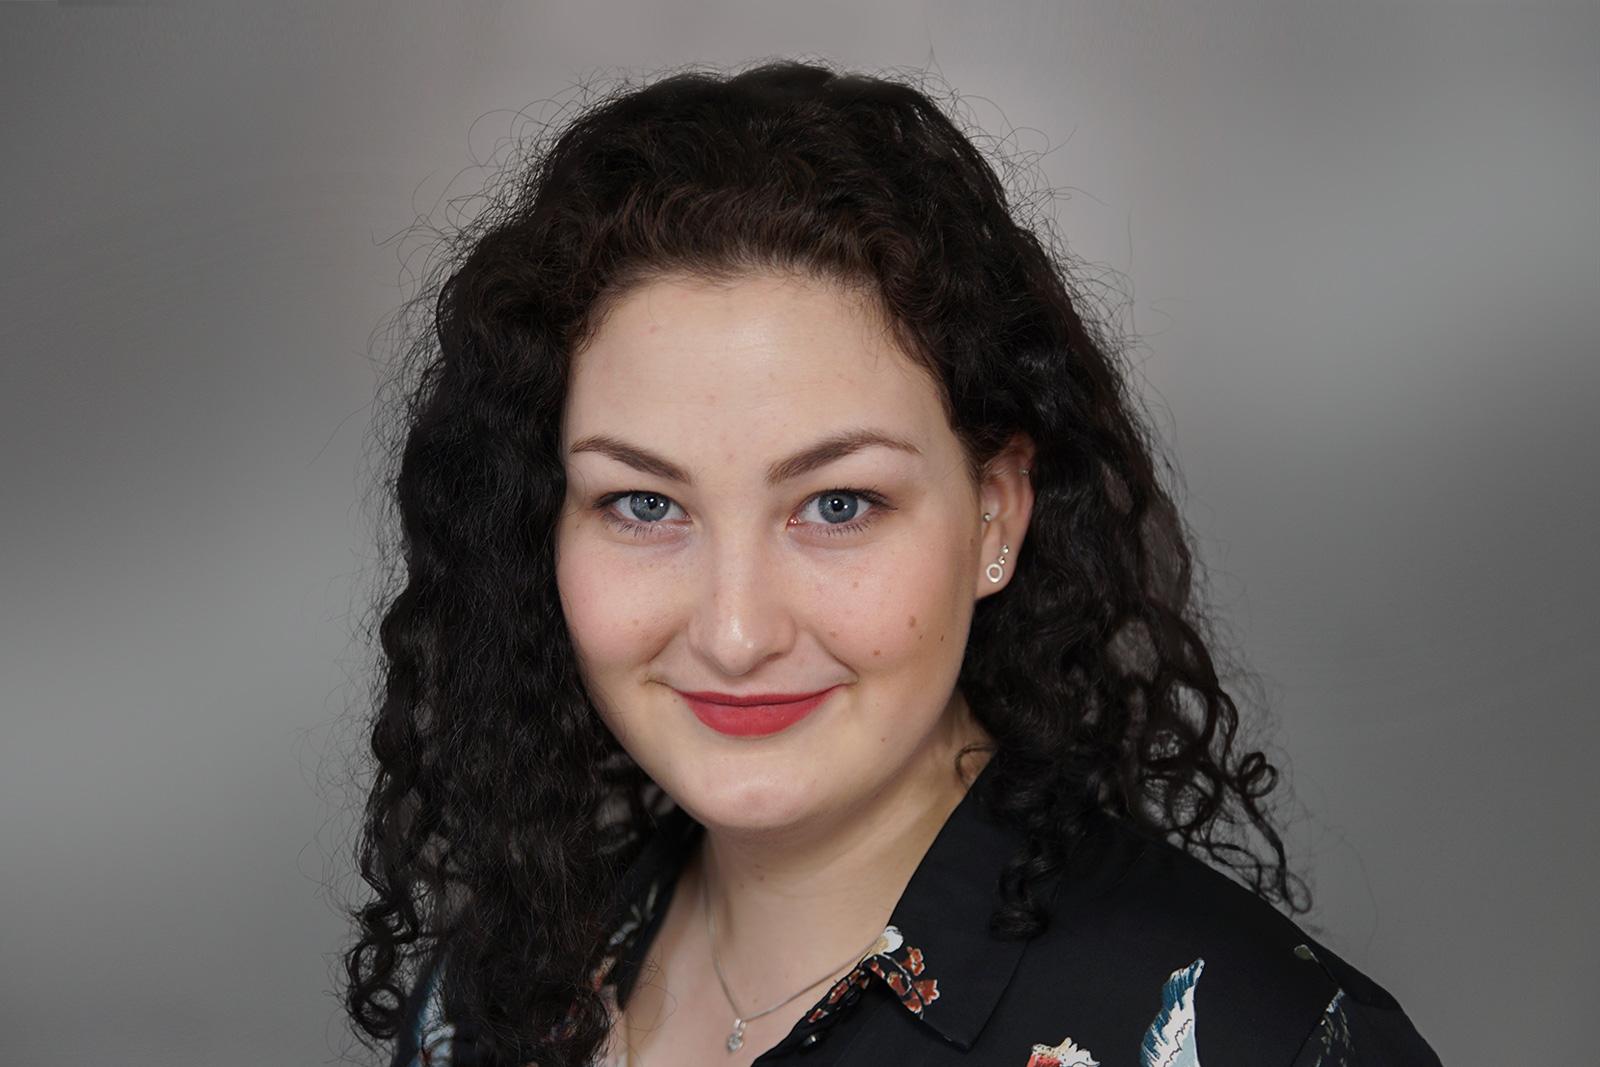 Sarah Kazmaier